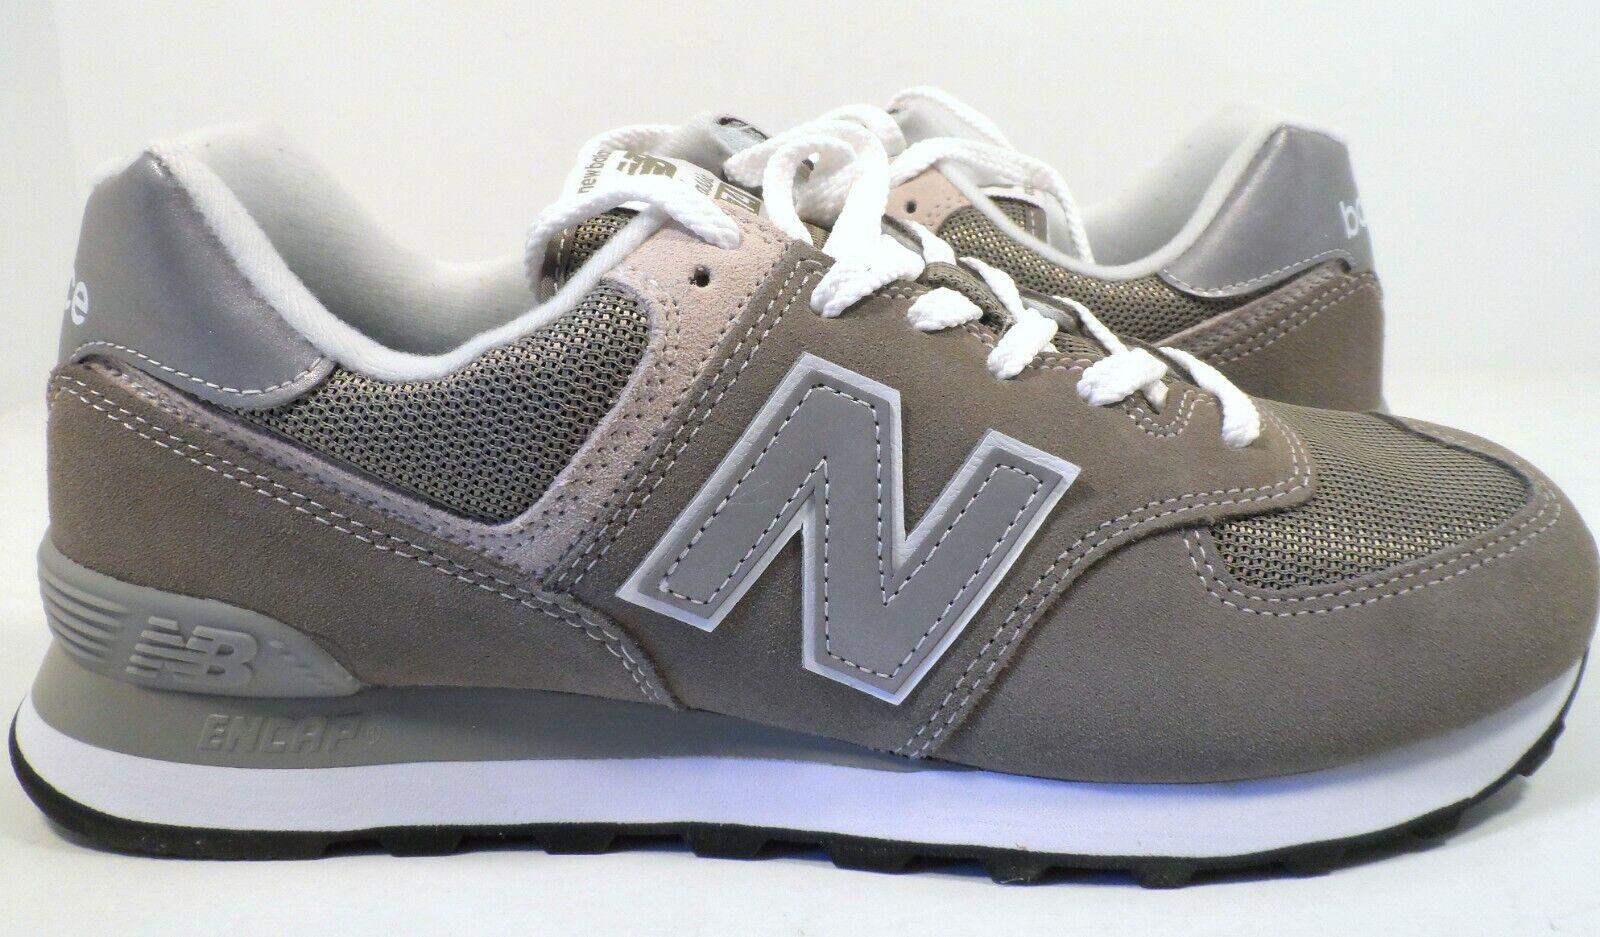 New Balance Men's 574 Core Sneaker Tan Brown Grey Size 9.5